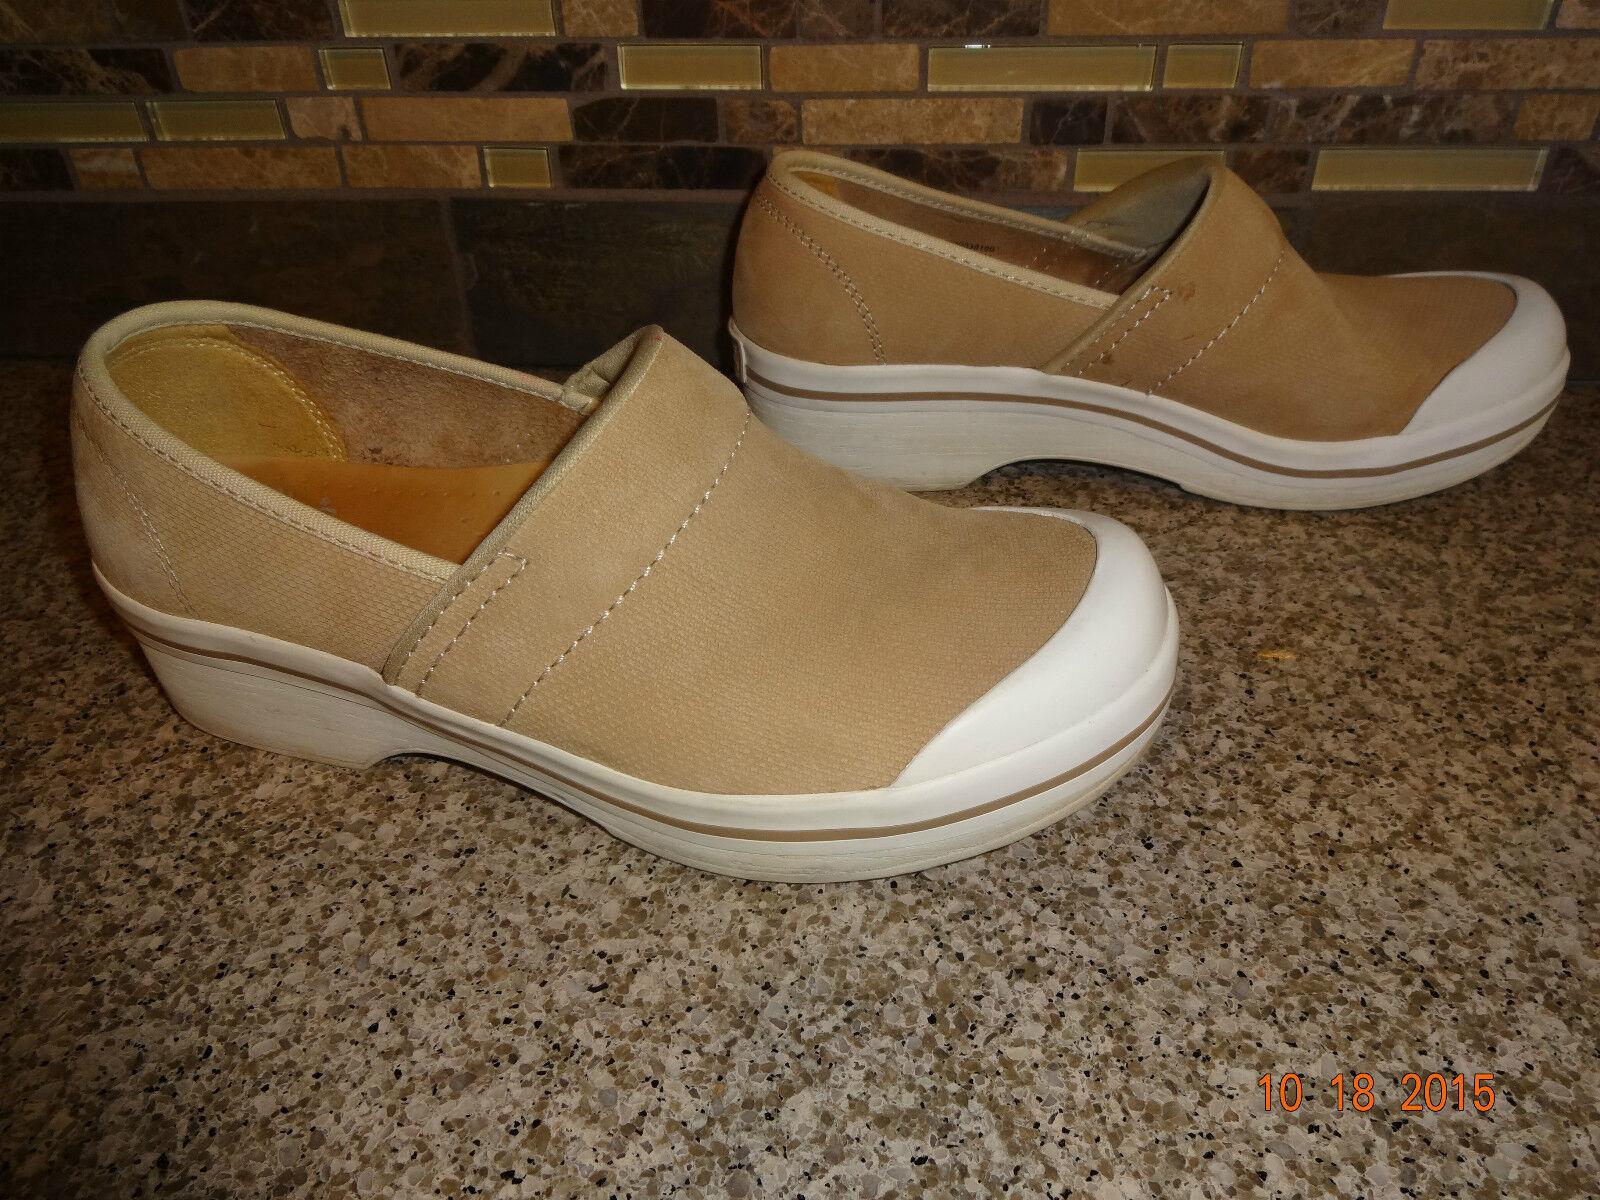 Haut femme sz 38 US 7.5-8 dansko Tan en cuir souple blanc Semelles Professionnel Chaussures